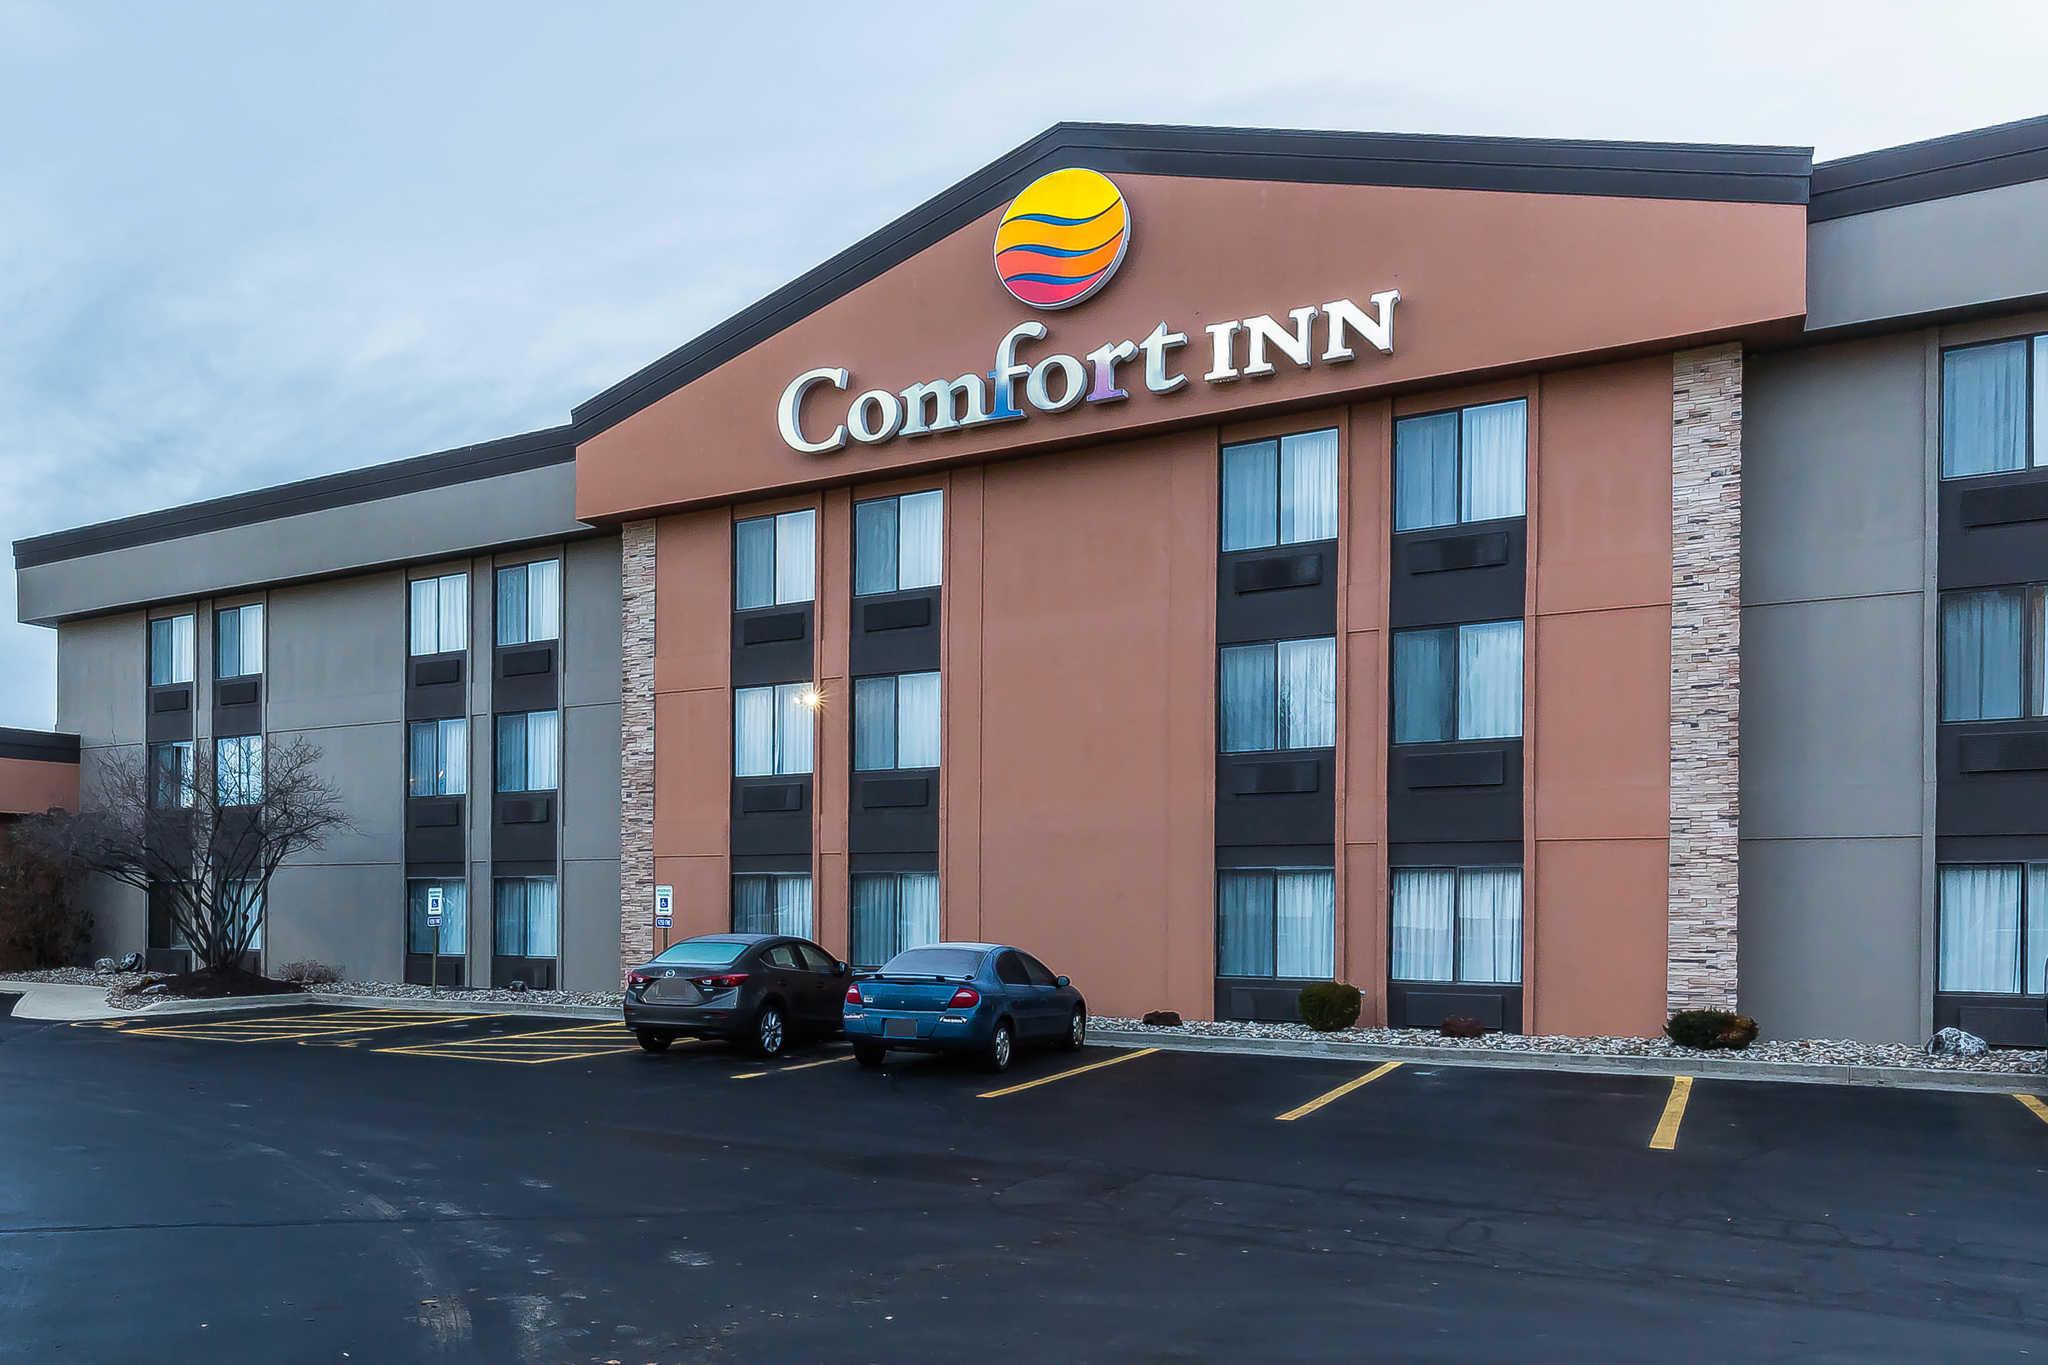 Comfort Inn image 25